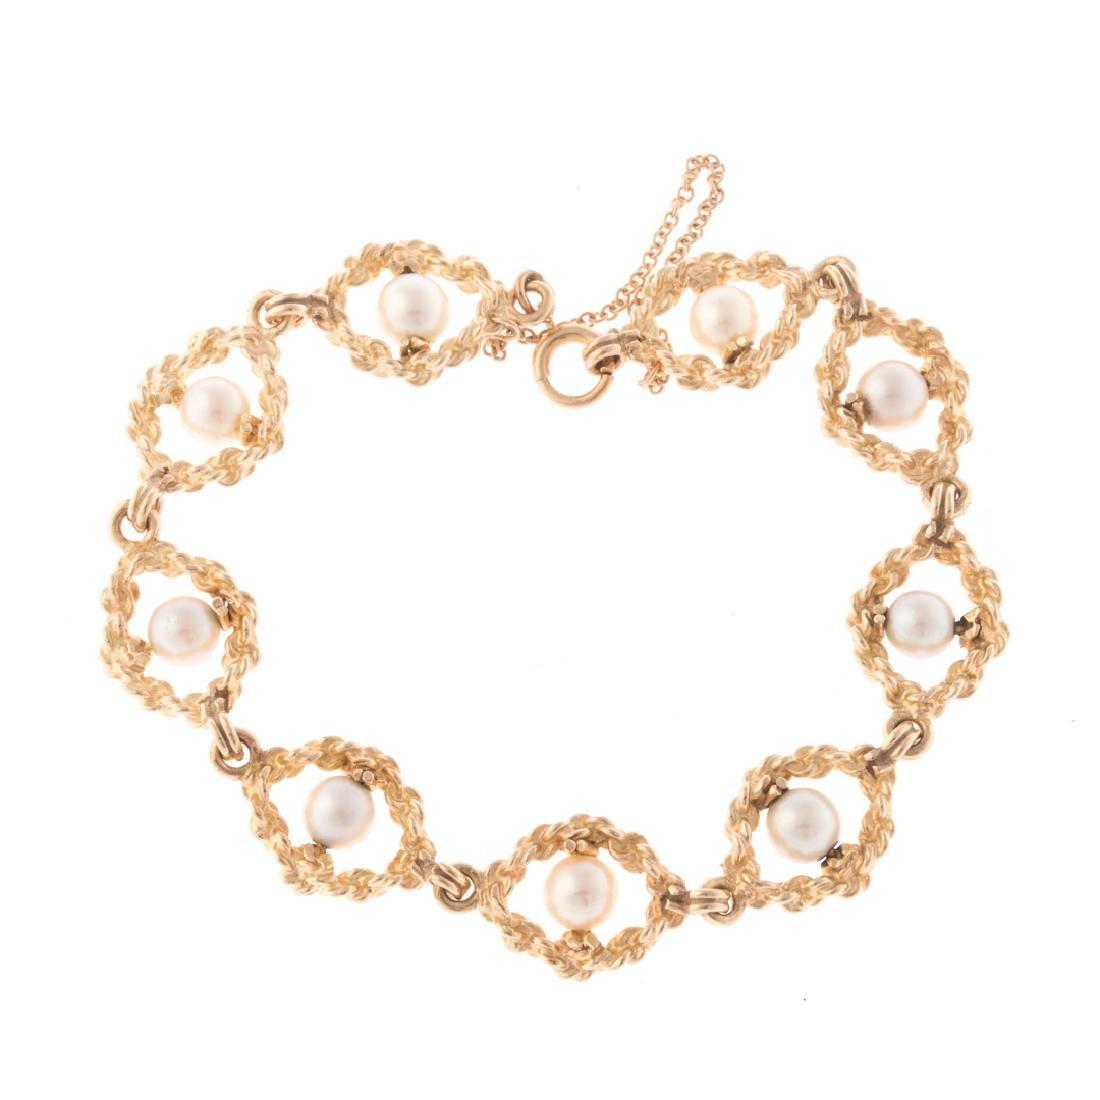 A Lady's Pearl Bracelet in 14K Gold